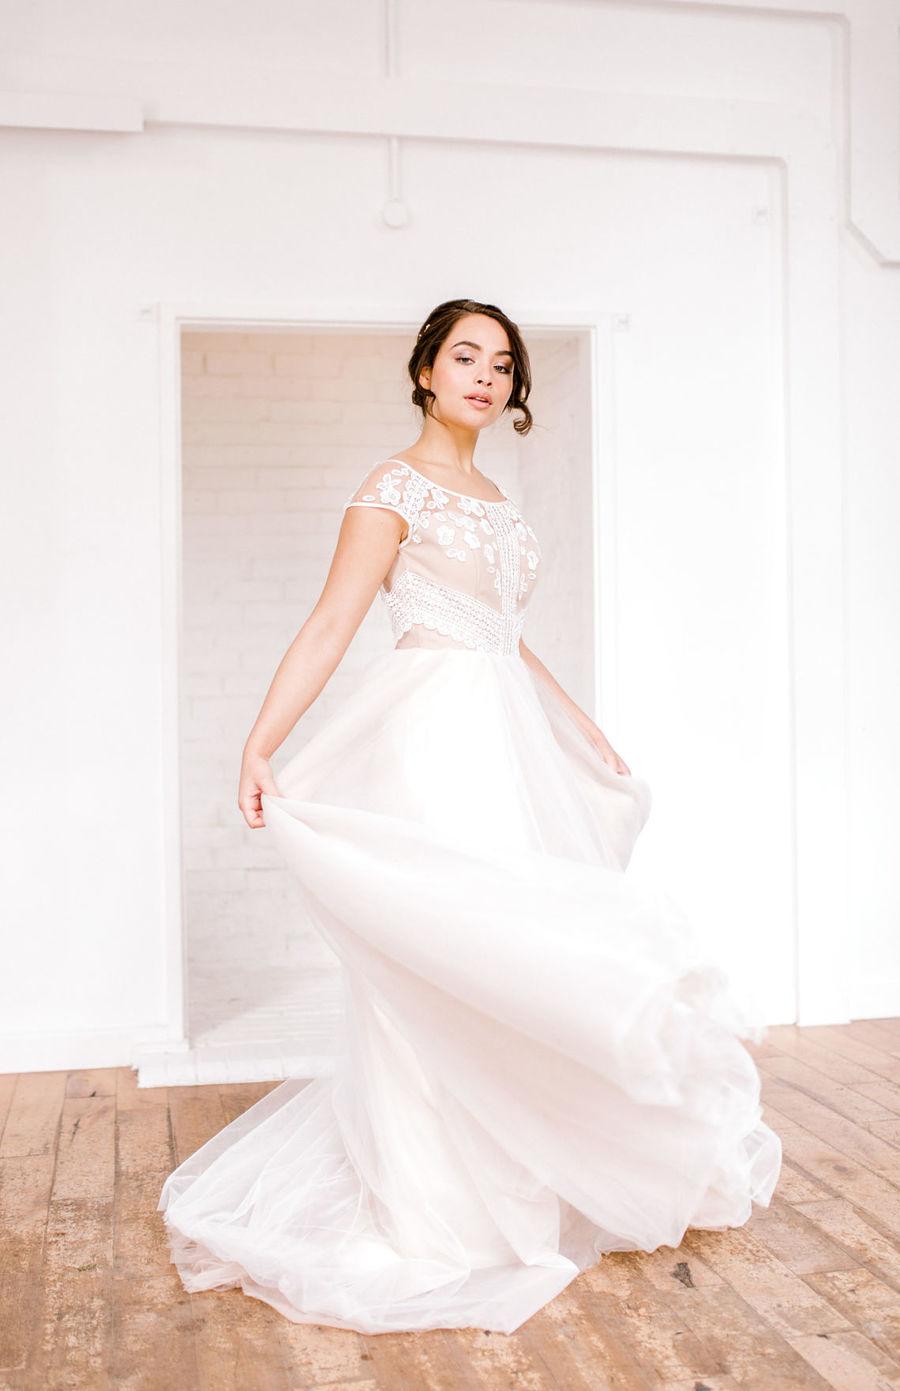 Minimal elegant wedding style ideas by Wildflower Wedding Planner Natasha, images Helene Elliott Photography (12)